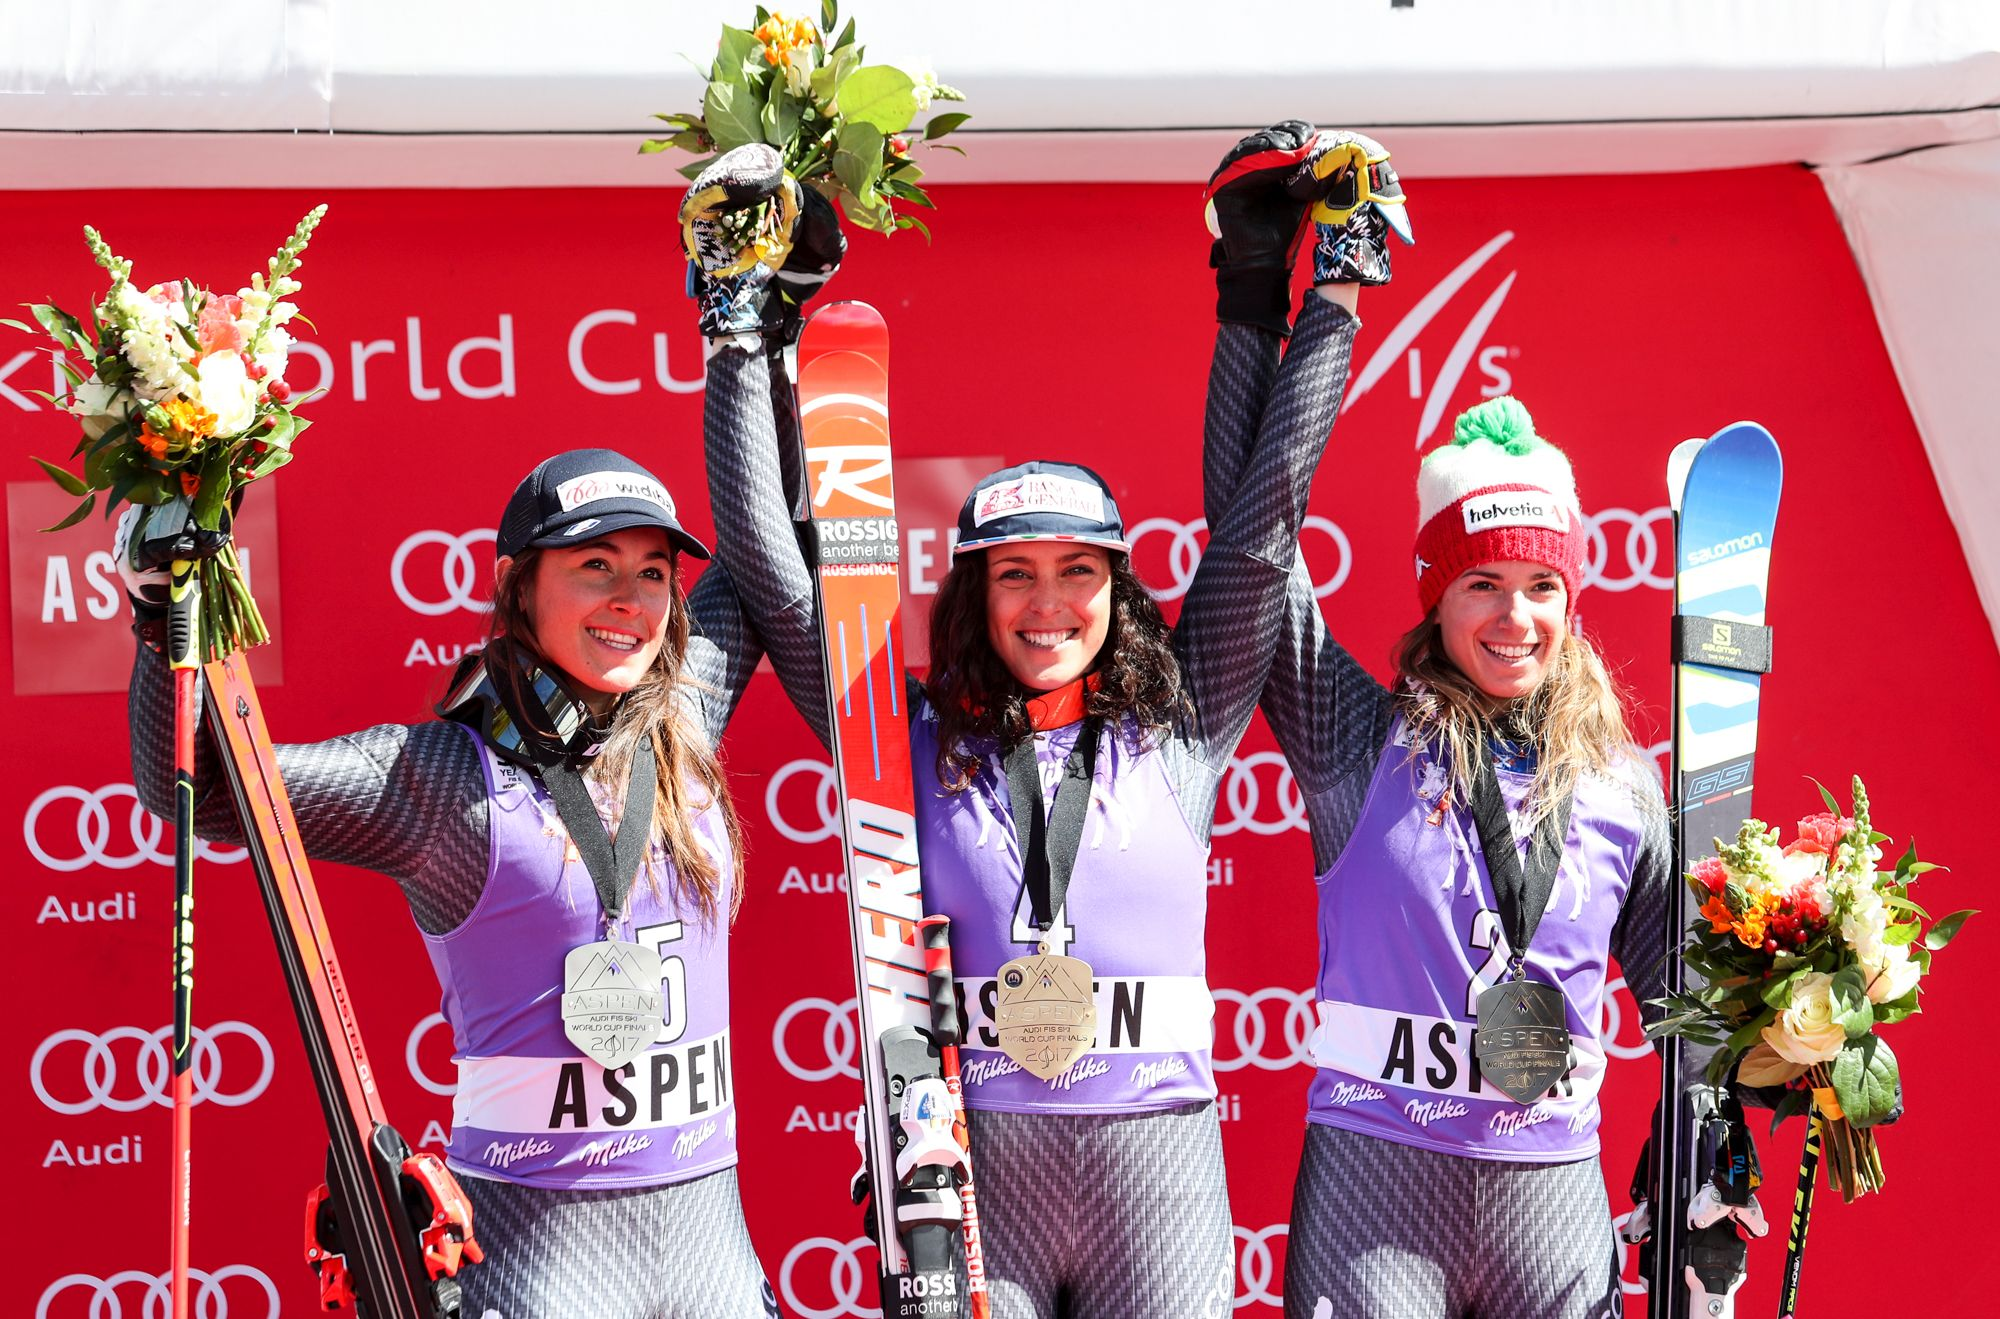 La Guida - È festa azzurra nell'ultimo gigante di Coppa del mondo ad Aspen